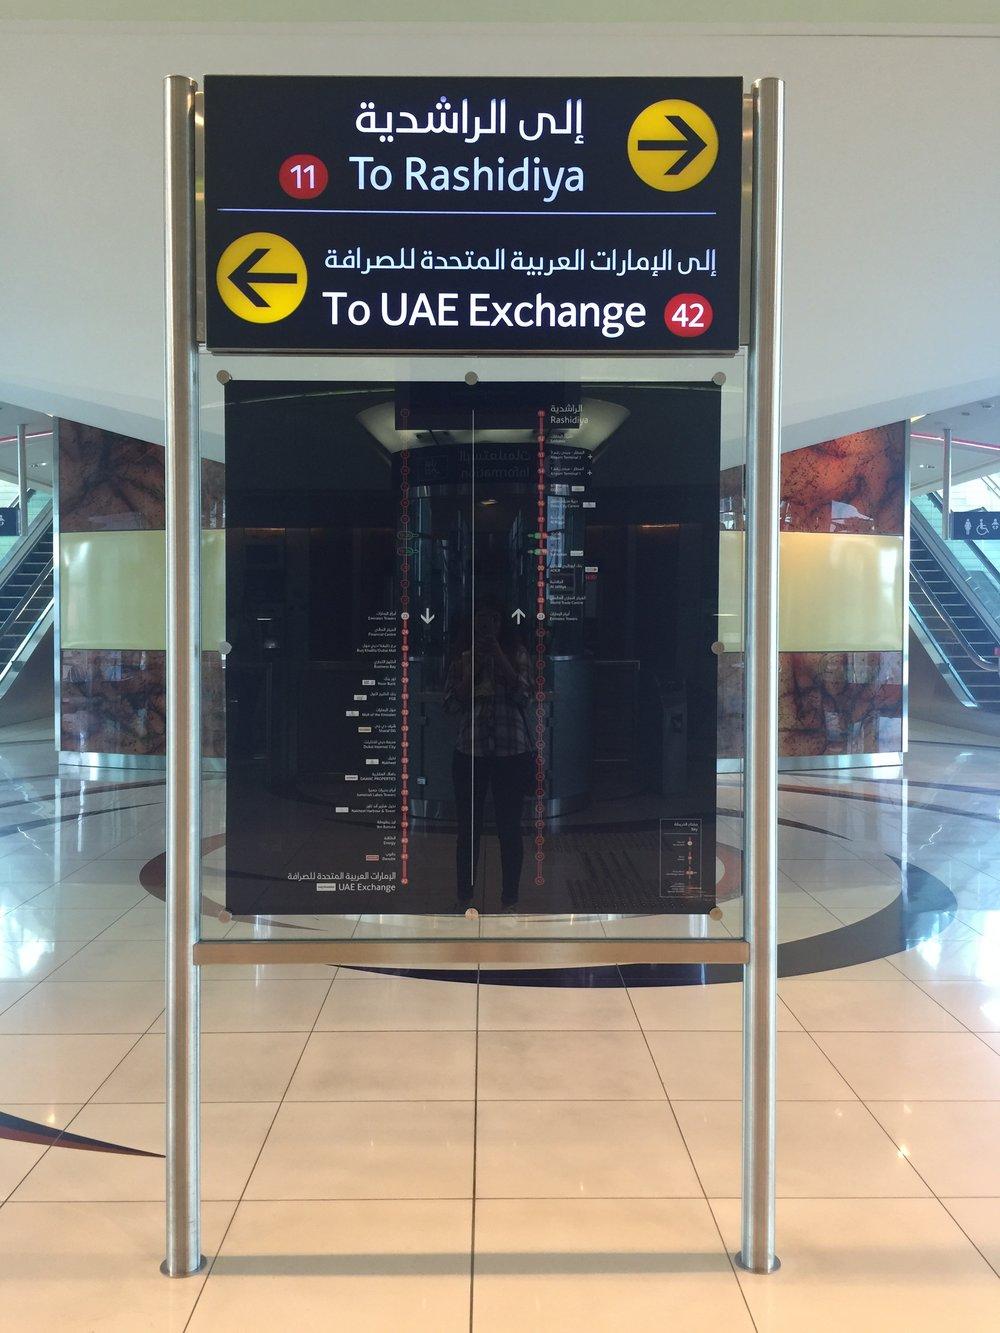 dubai travel guide - Dubai Metro